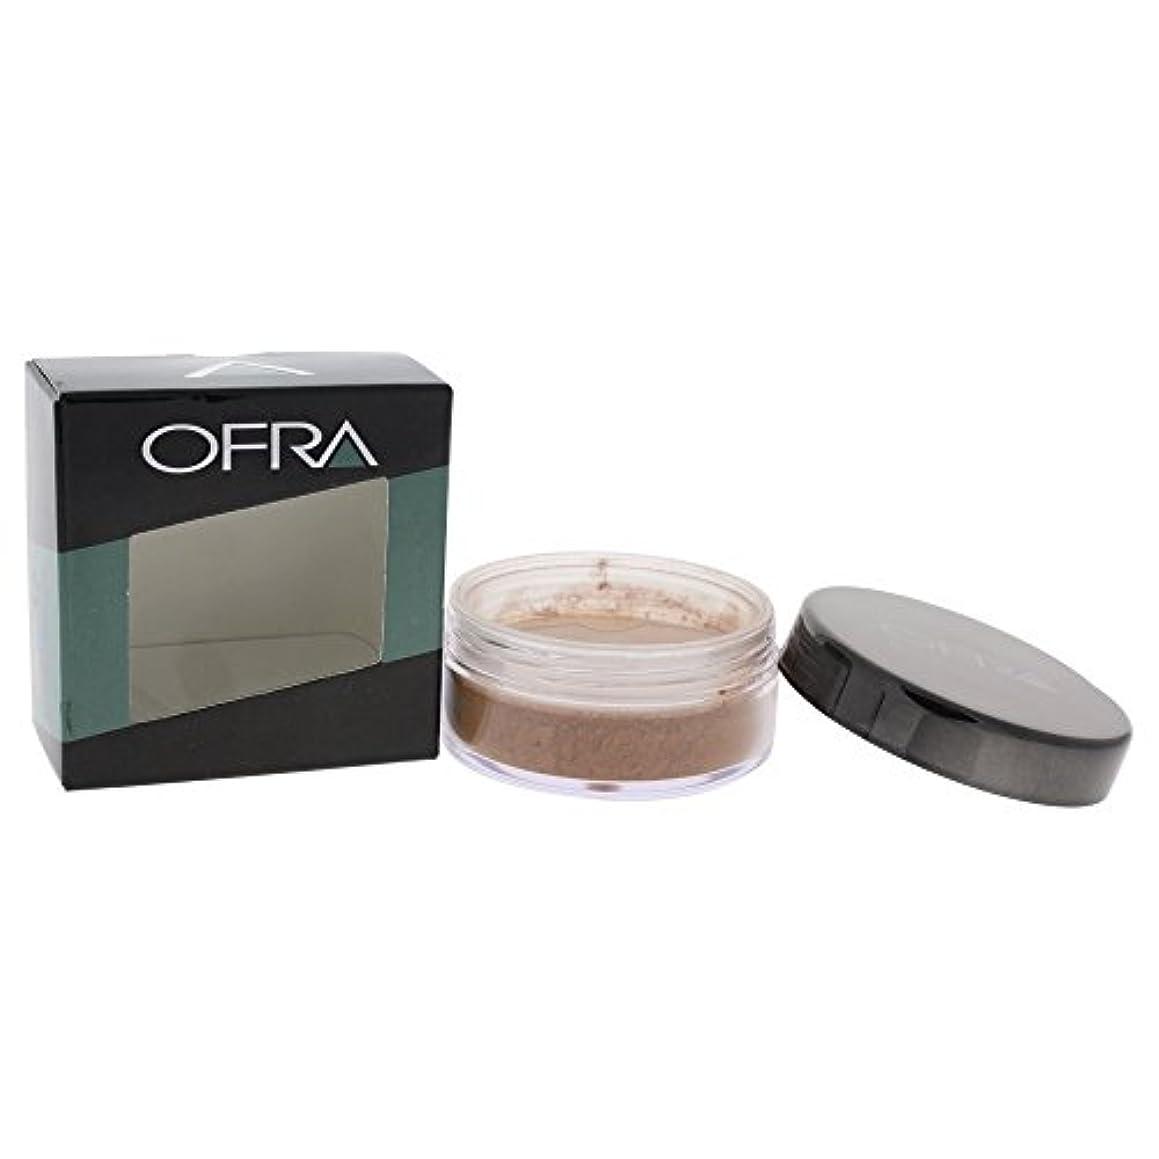 基本的な乳製品ネイティブDerma Mineral Makeup Loose Powder Foundation - Terracotta